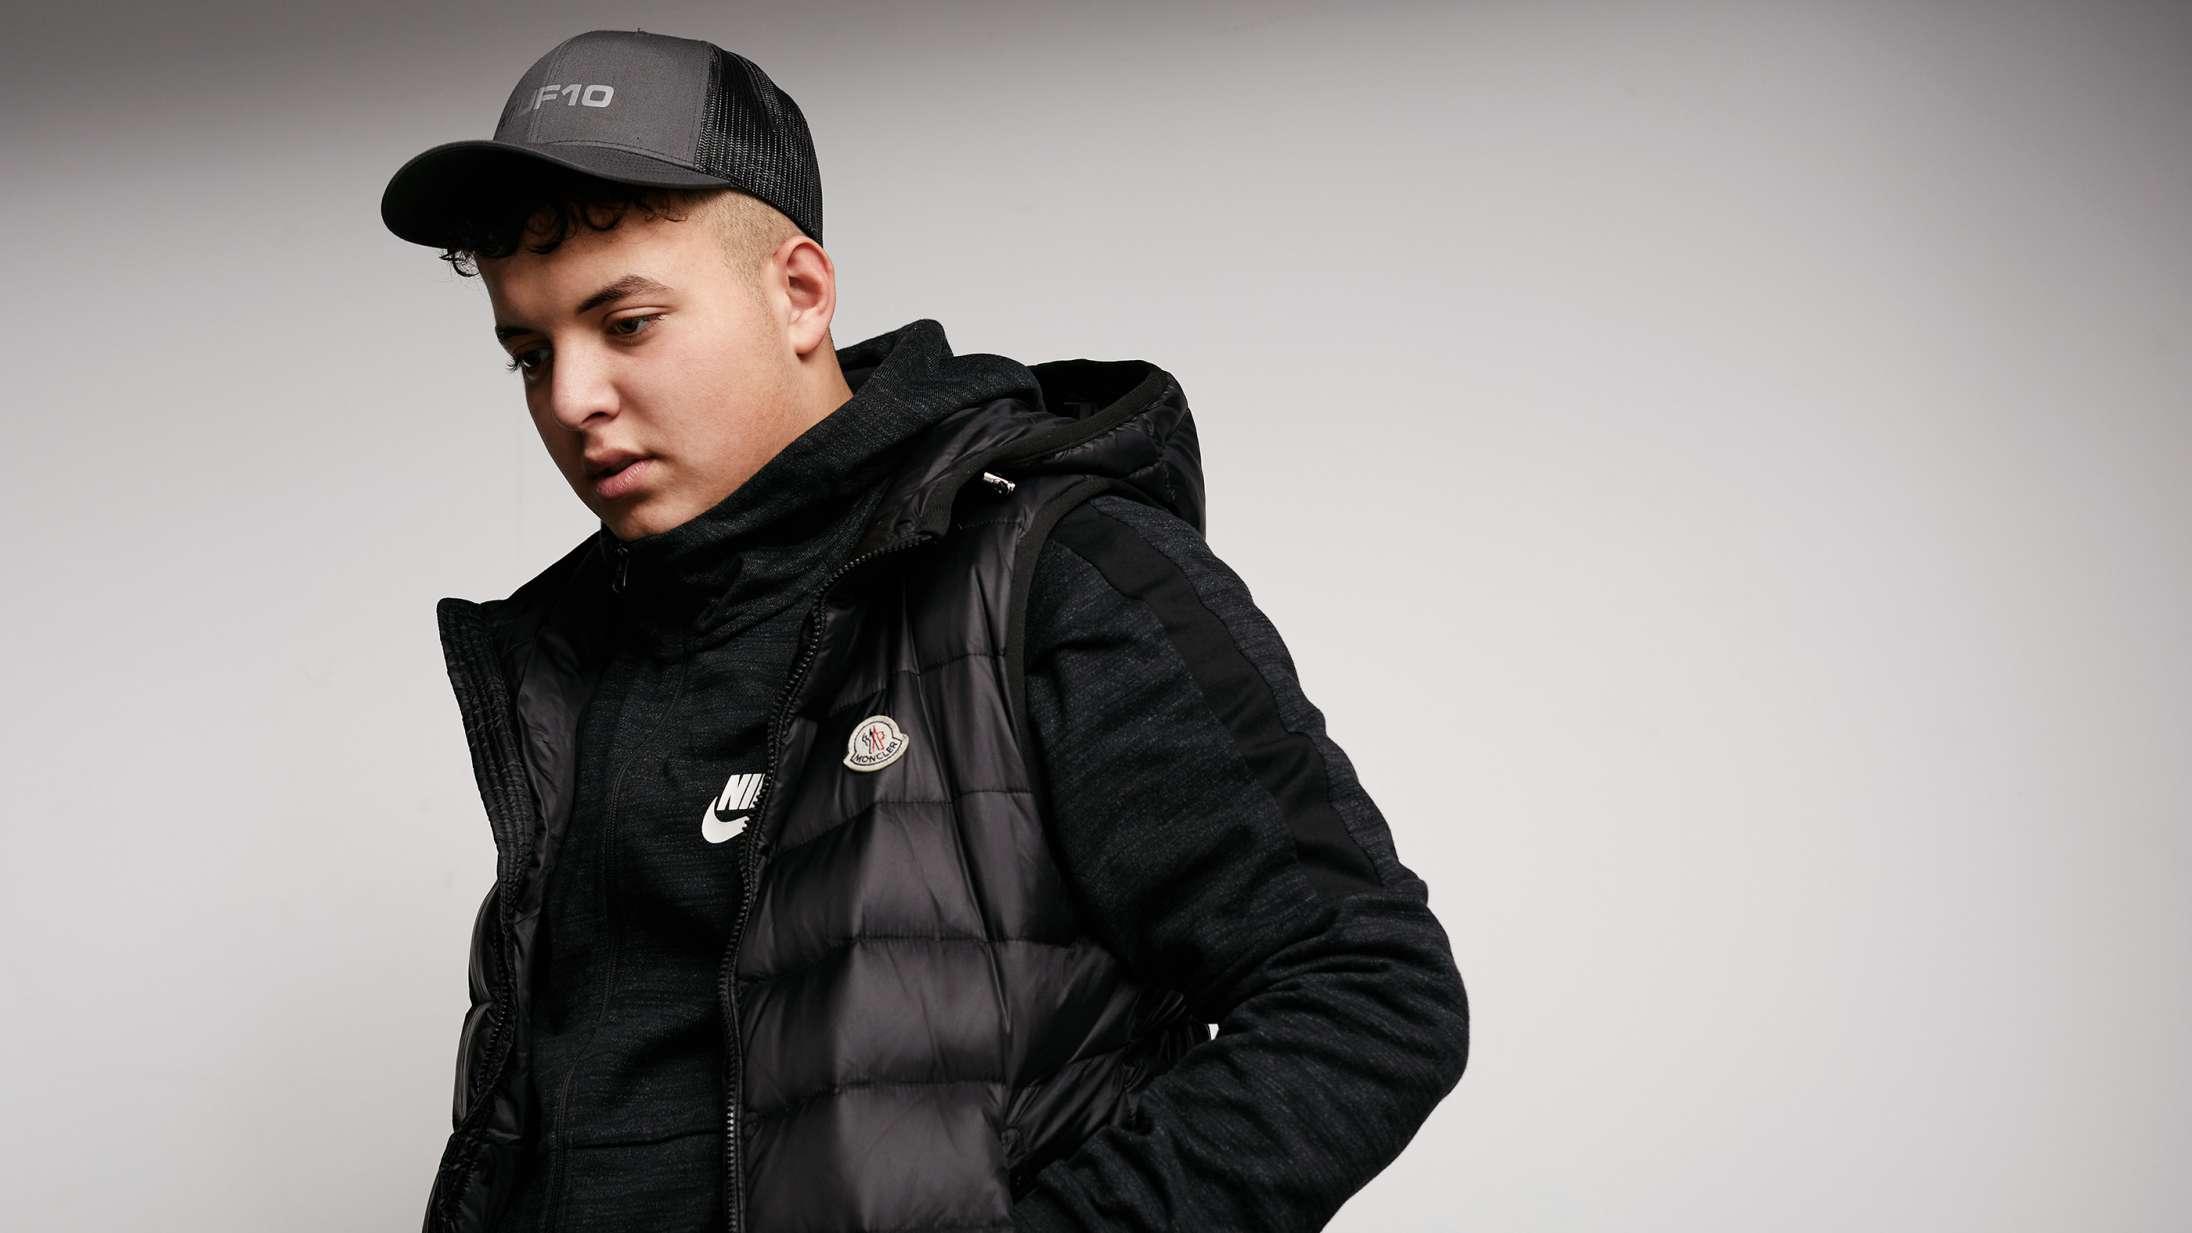 15-årige Lolo er årets første nye rapstjerne: »Nu er jeg den populære i skolen«